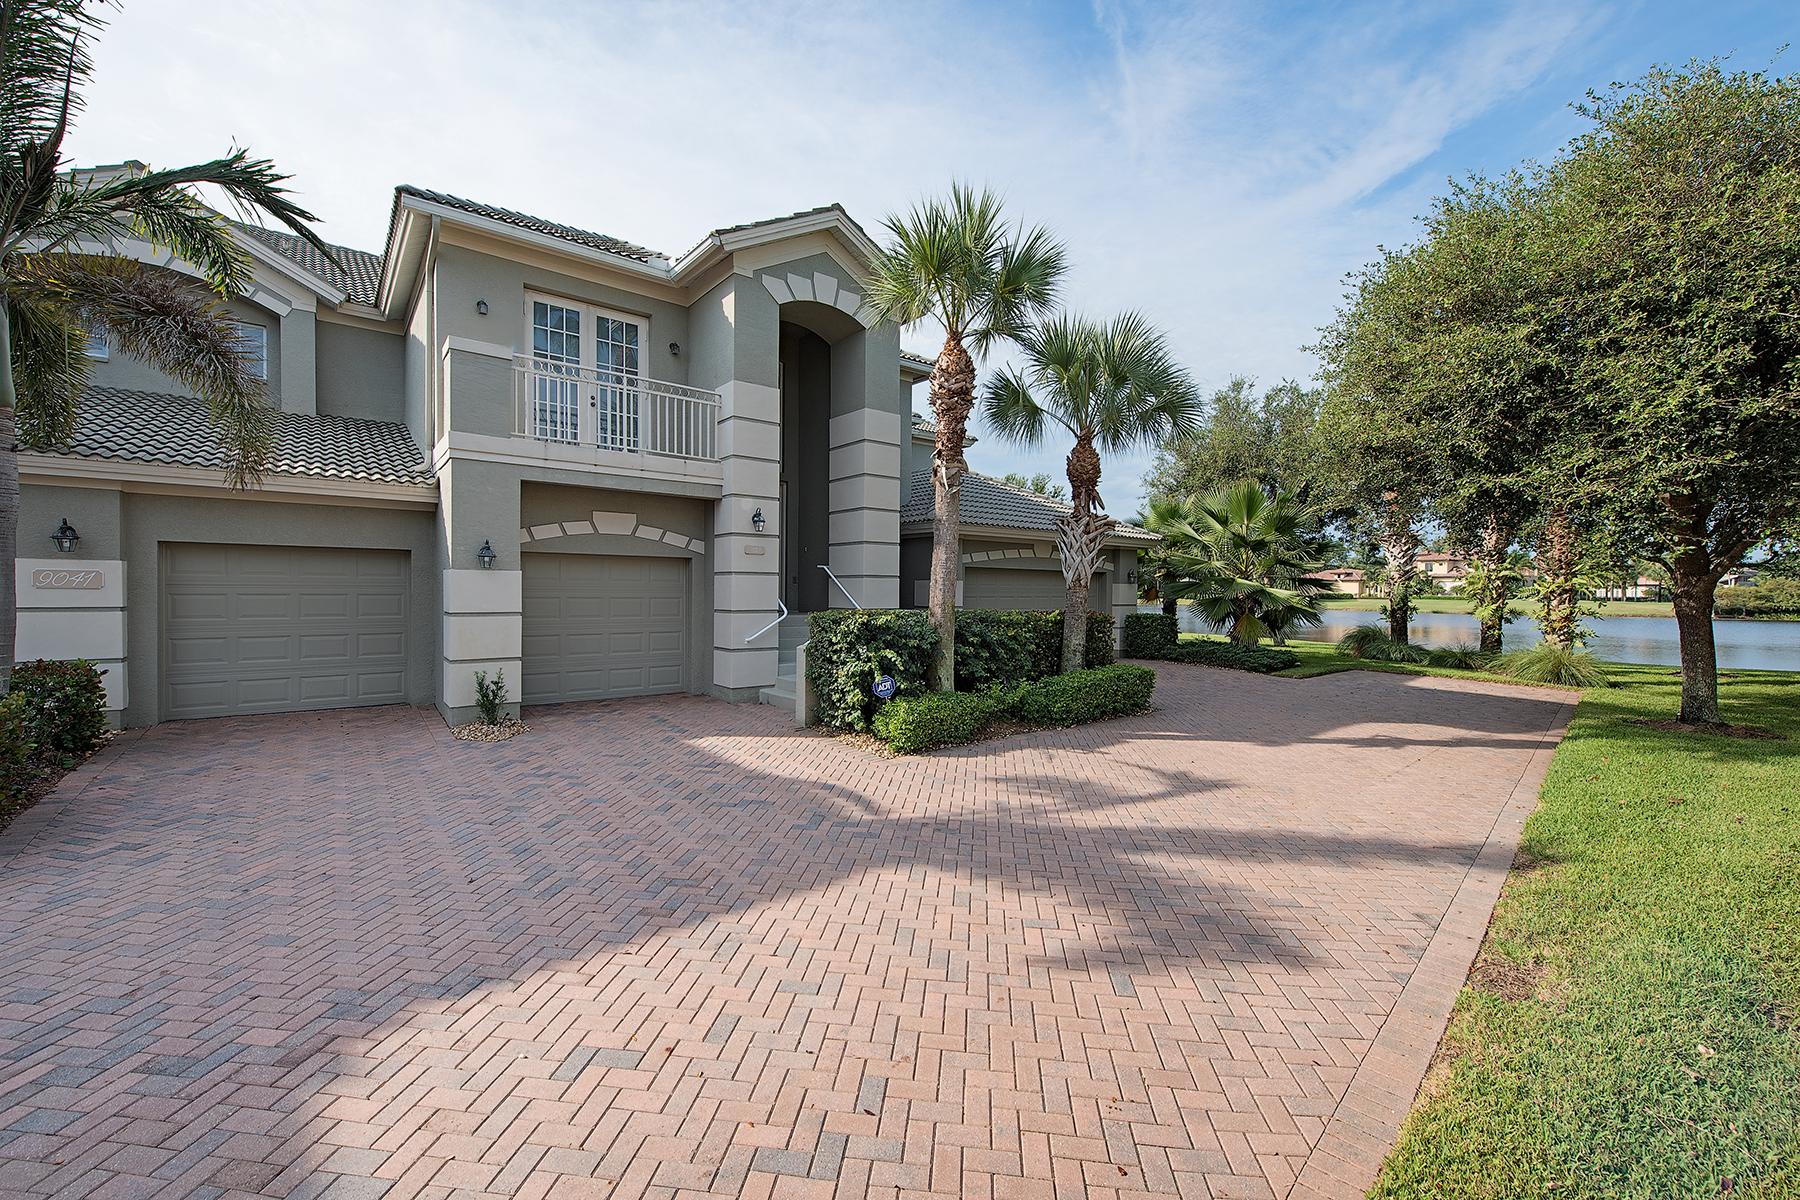 Кооперативная квартира для того Продажа на ELICAN MARSH - OSPREY POINTE 9041 Whimbrel Watch Ln 202 Naples, Флорида 34109 Соединенные Штаты